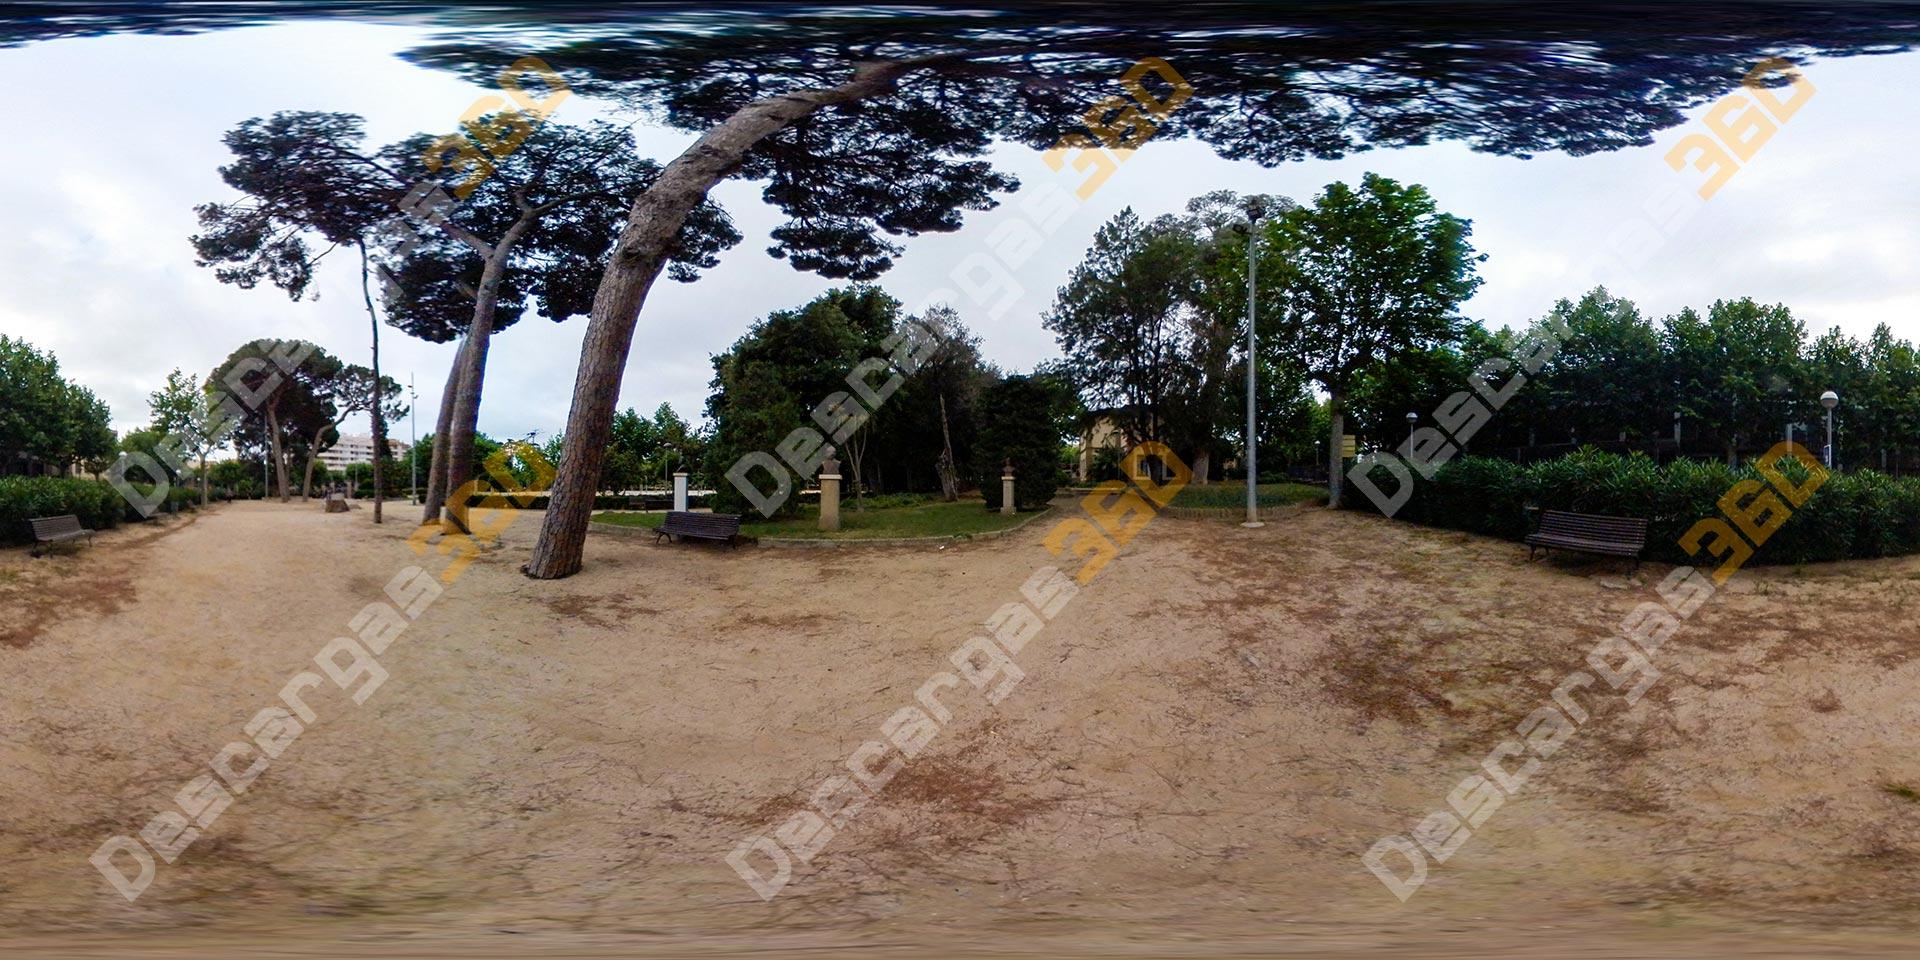 Camino-de-pinos-en-parque-360---Descargas360_preview